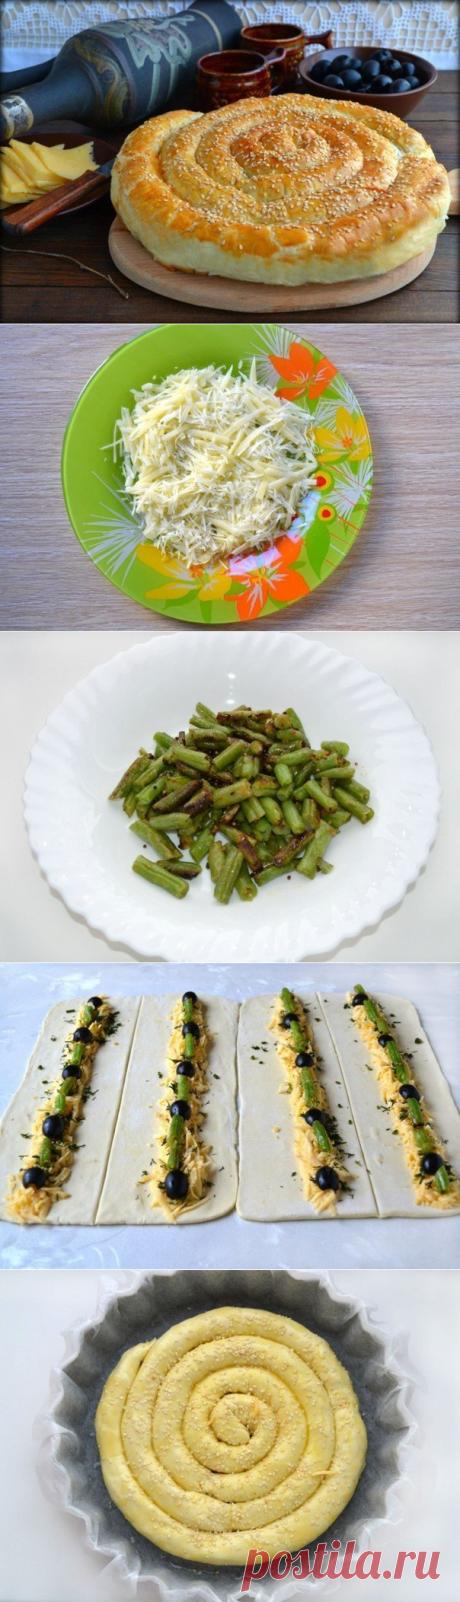 Спиральный пирог из слоеного теста: блюдо, от которого невозможно оторваться!